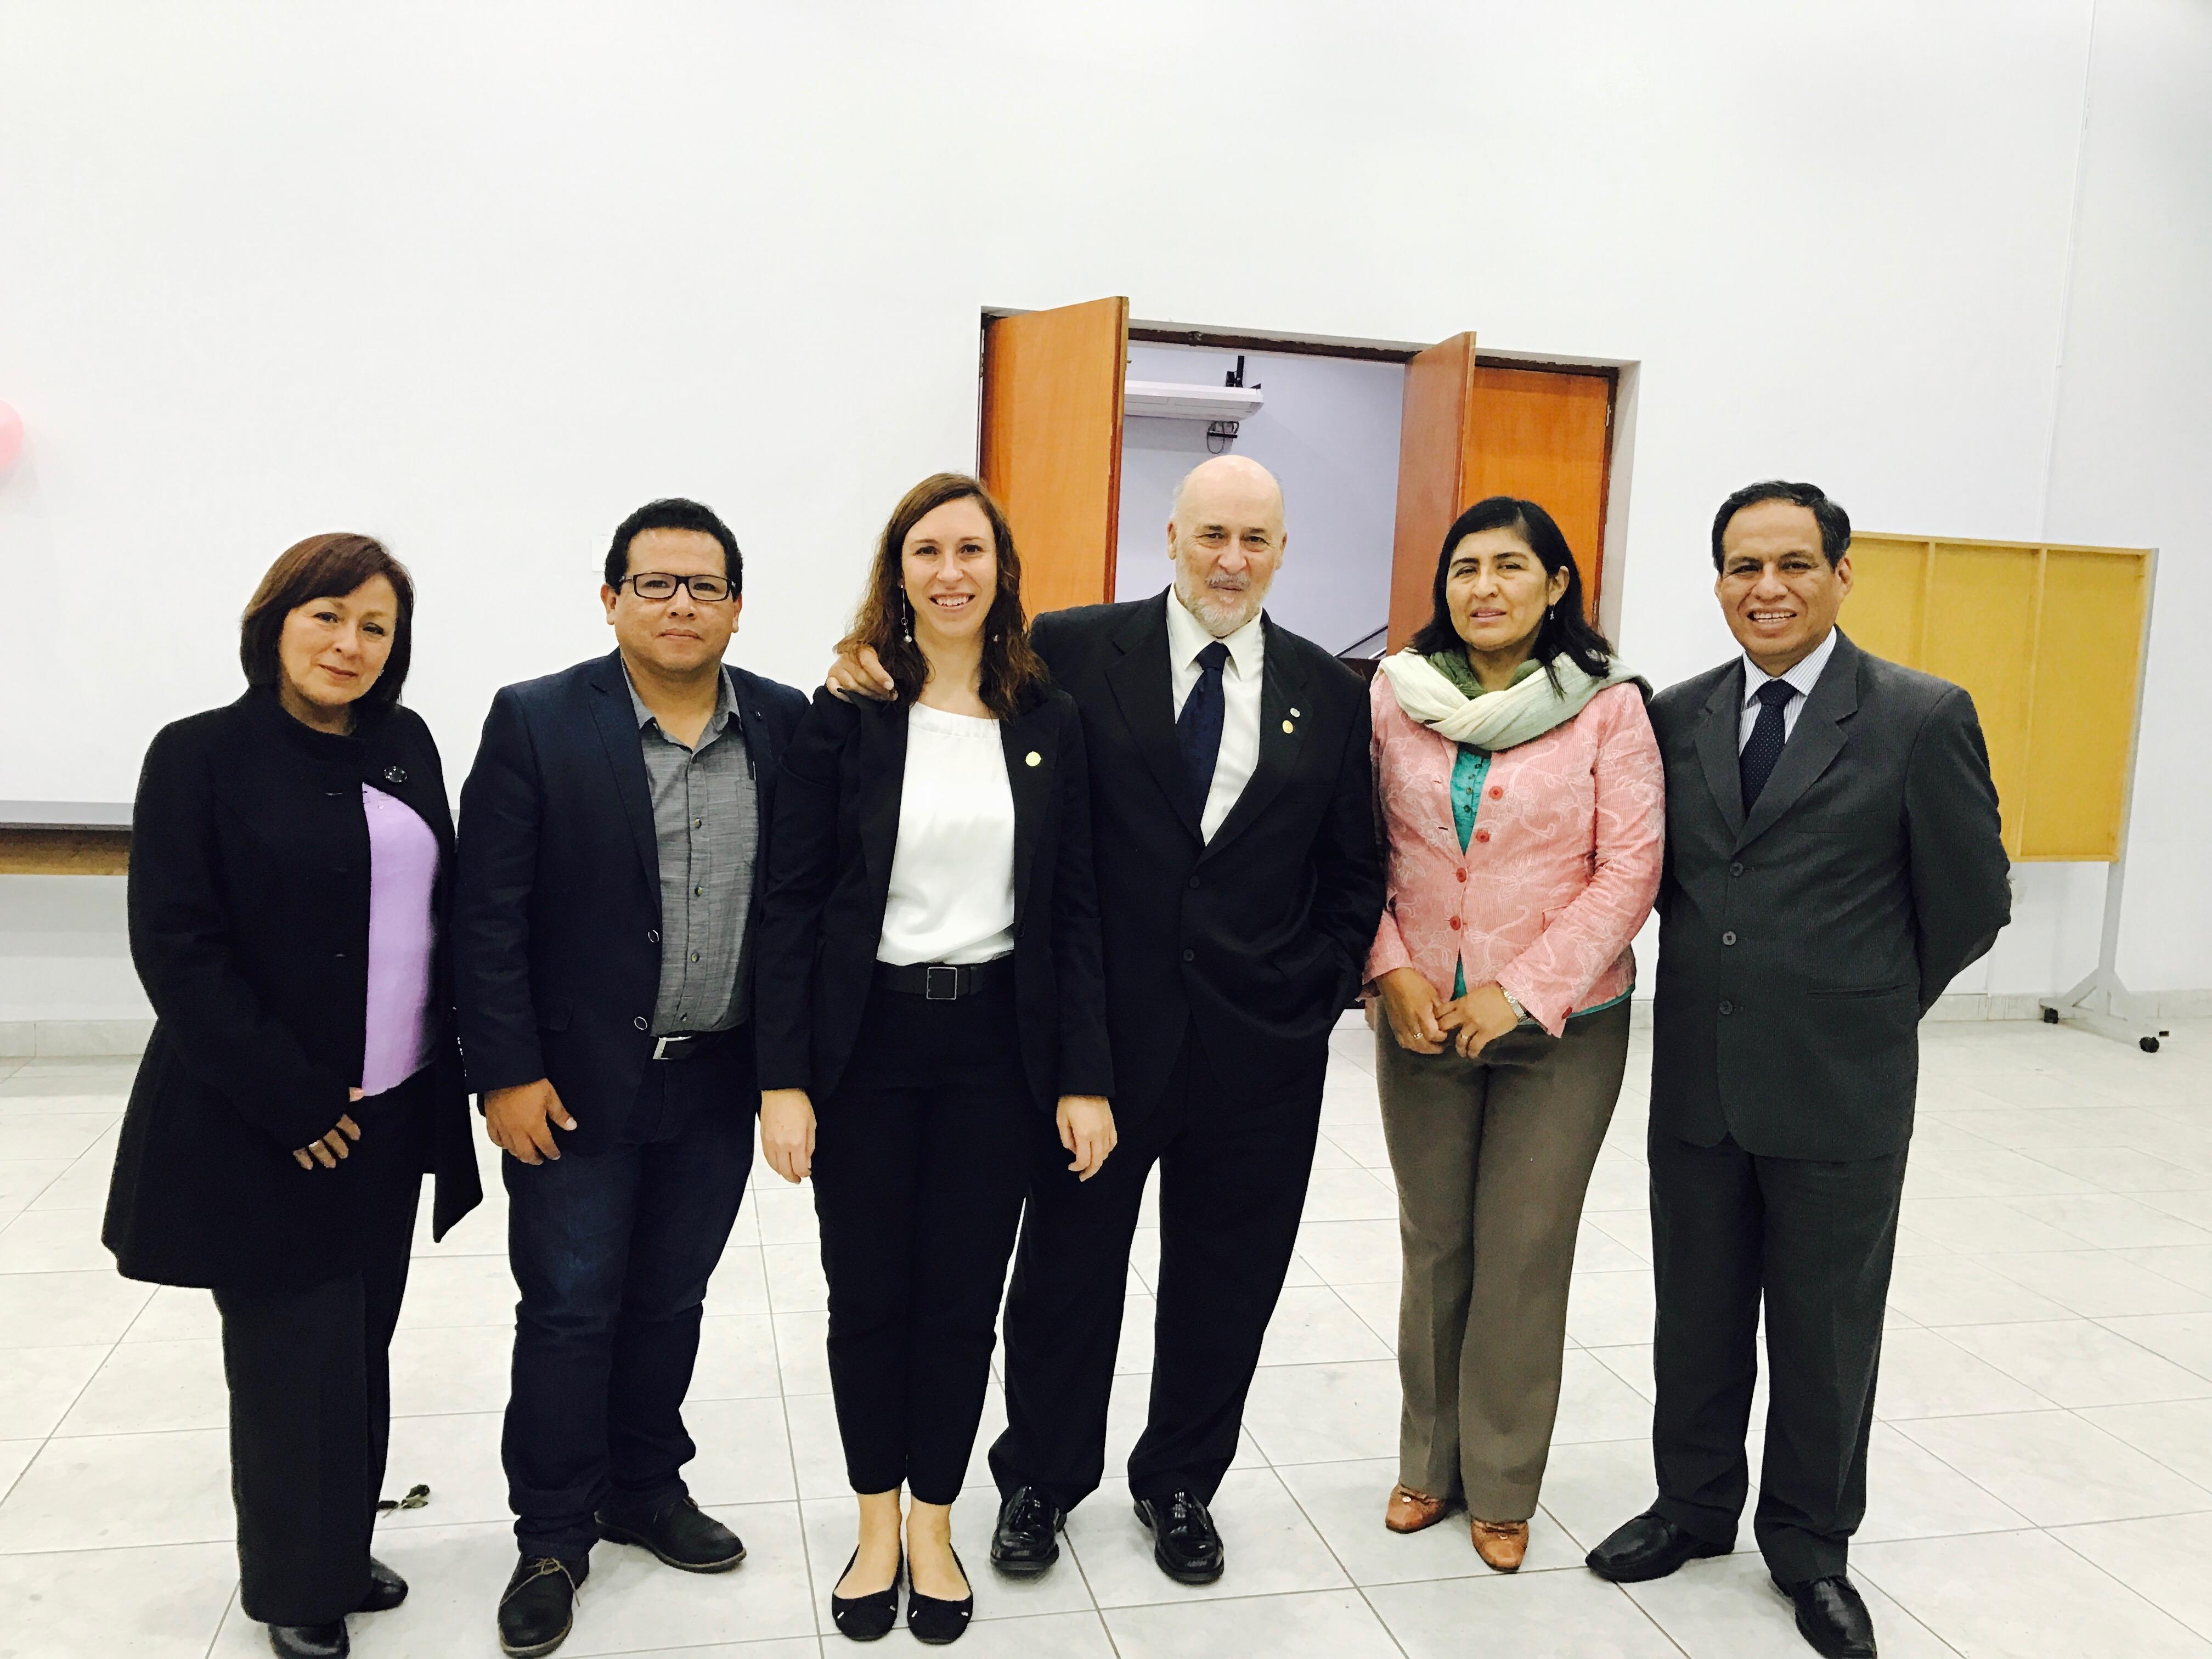 Los ponentes del simposio sobre derecho a la información en salud organizado por el Colegio Químico Farmacéutico del Perú, junto con el Dr. Bravo